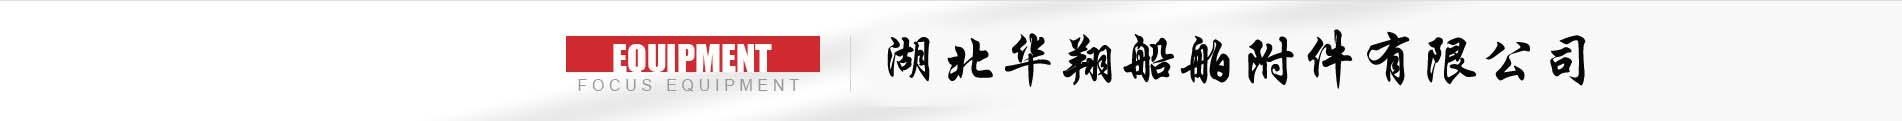 湖北華翔船舶附件有限公司